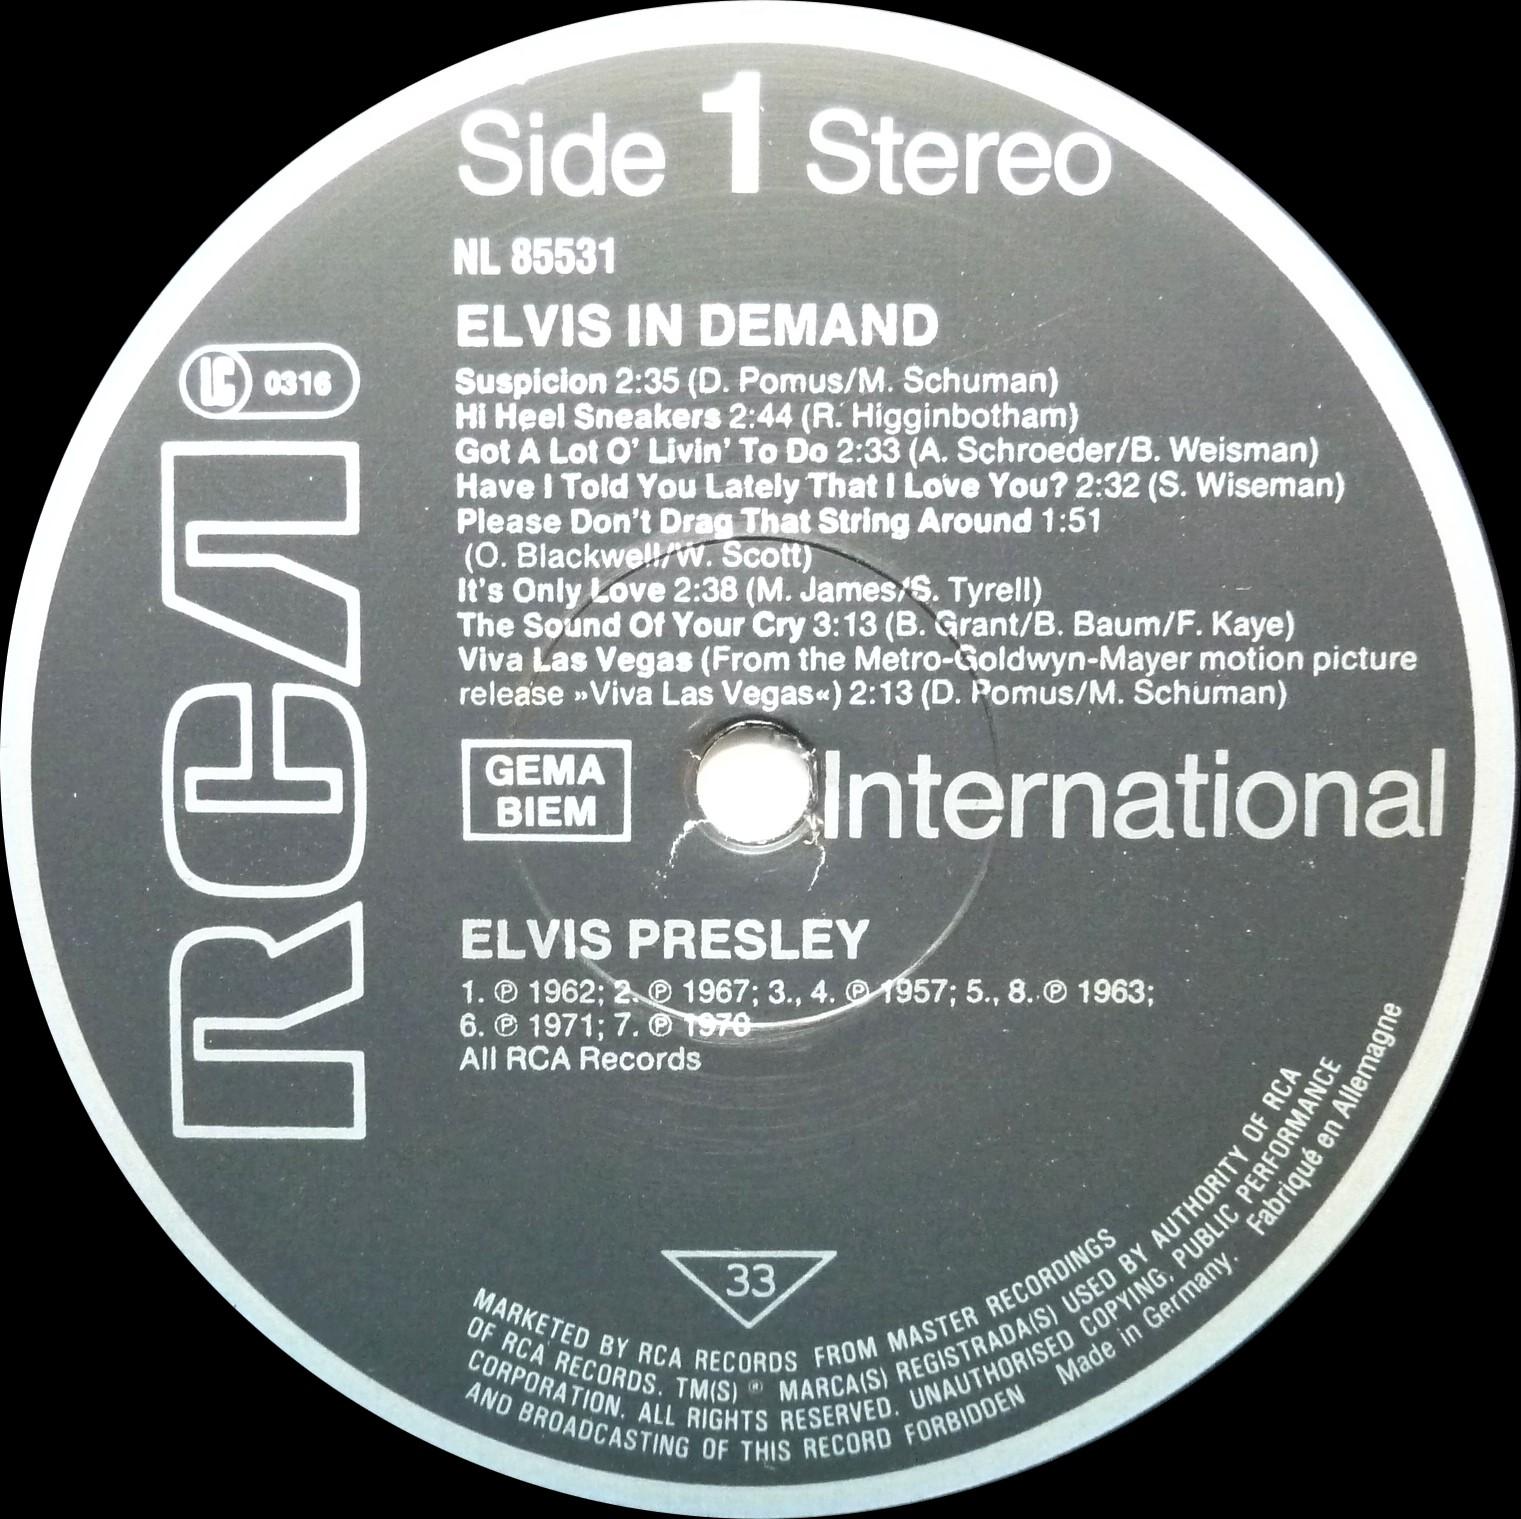 ELVIS IN DEMAND Elvisindemand83sn3sid4pu6c